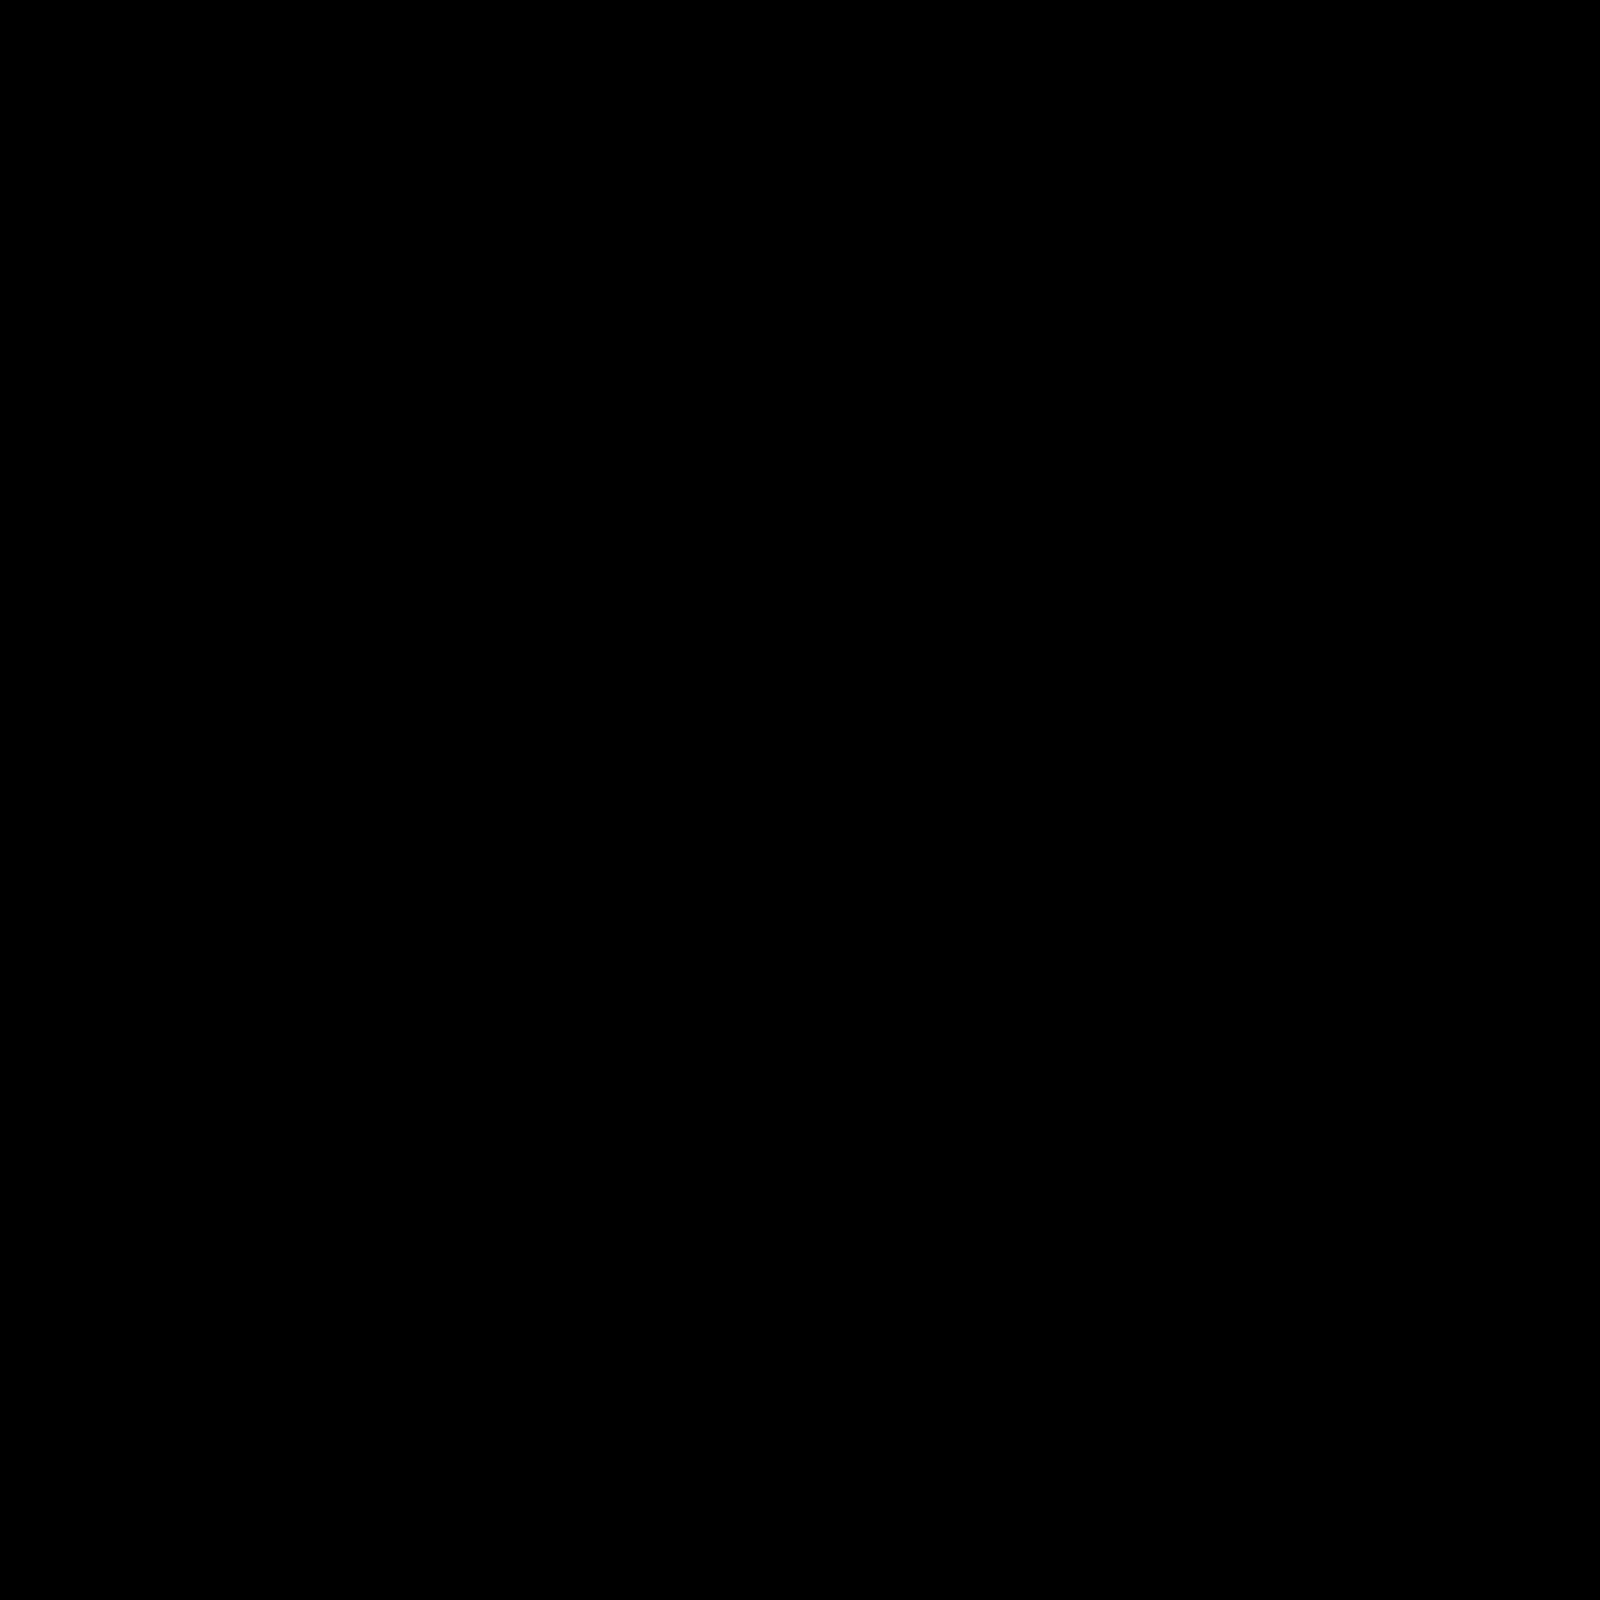 沙盒 icon